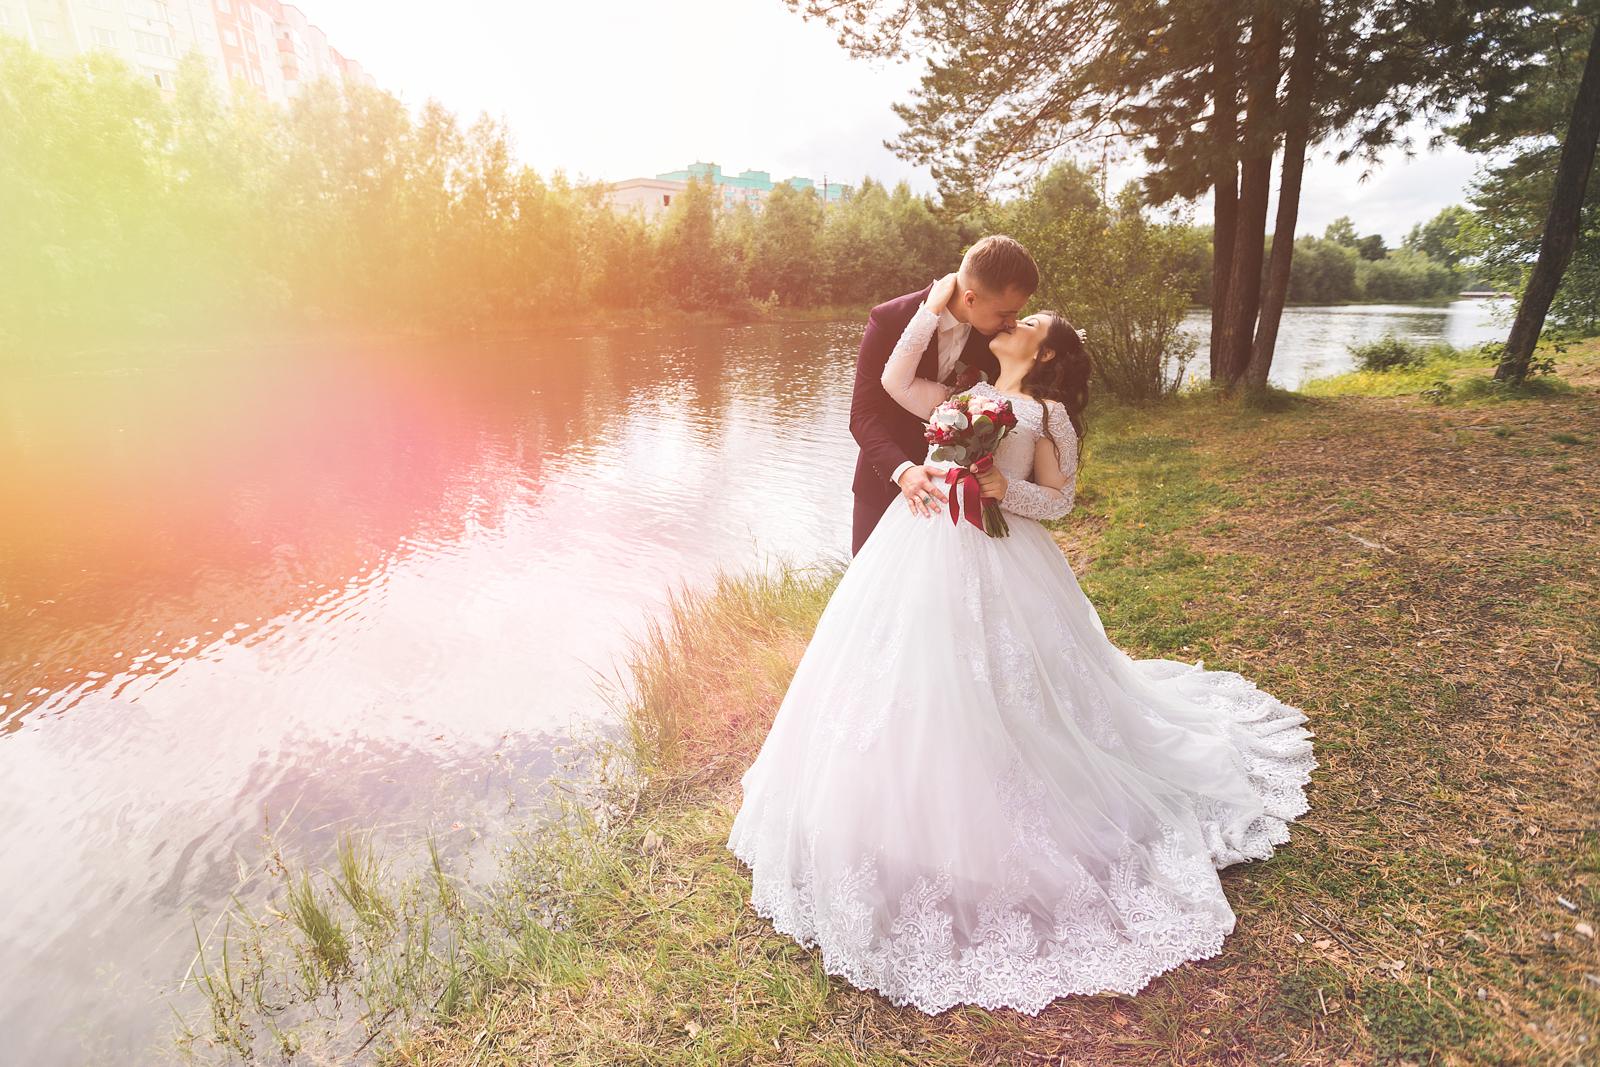 надёжность свадебная фотосъемка маршрут сургут трдельники, воздушные оплатки